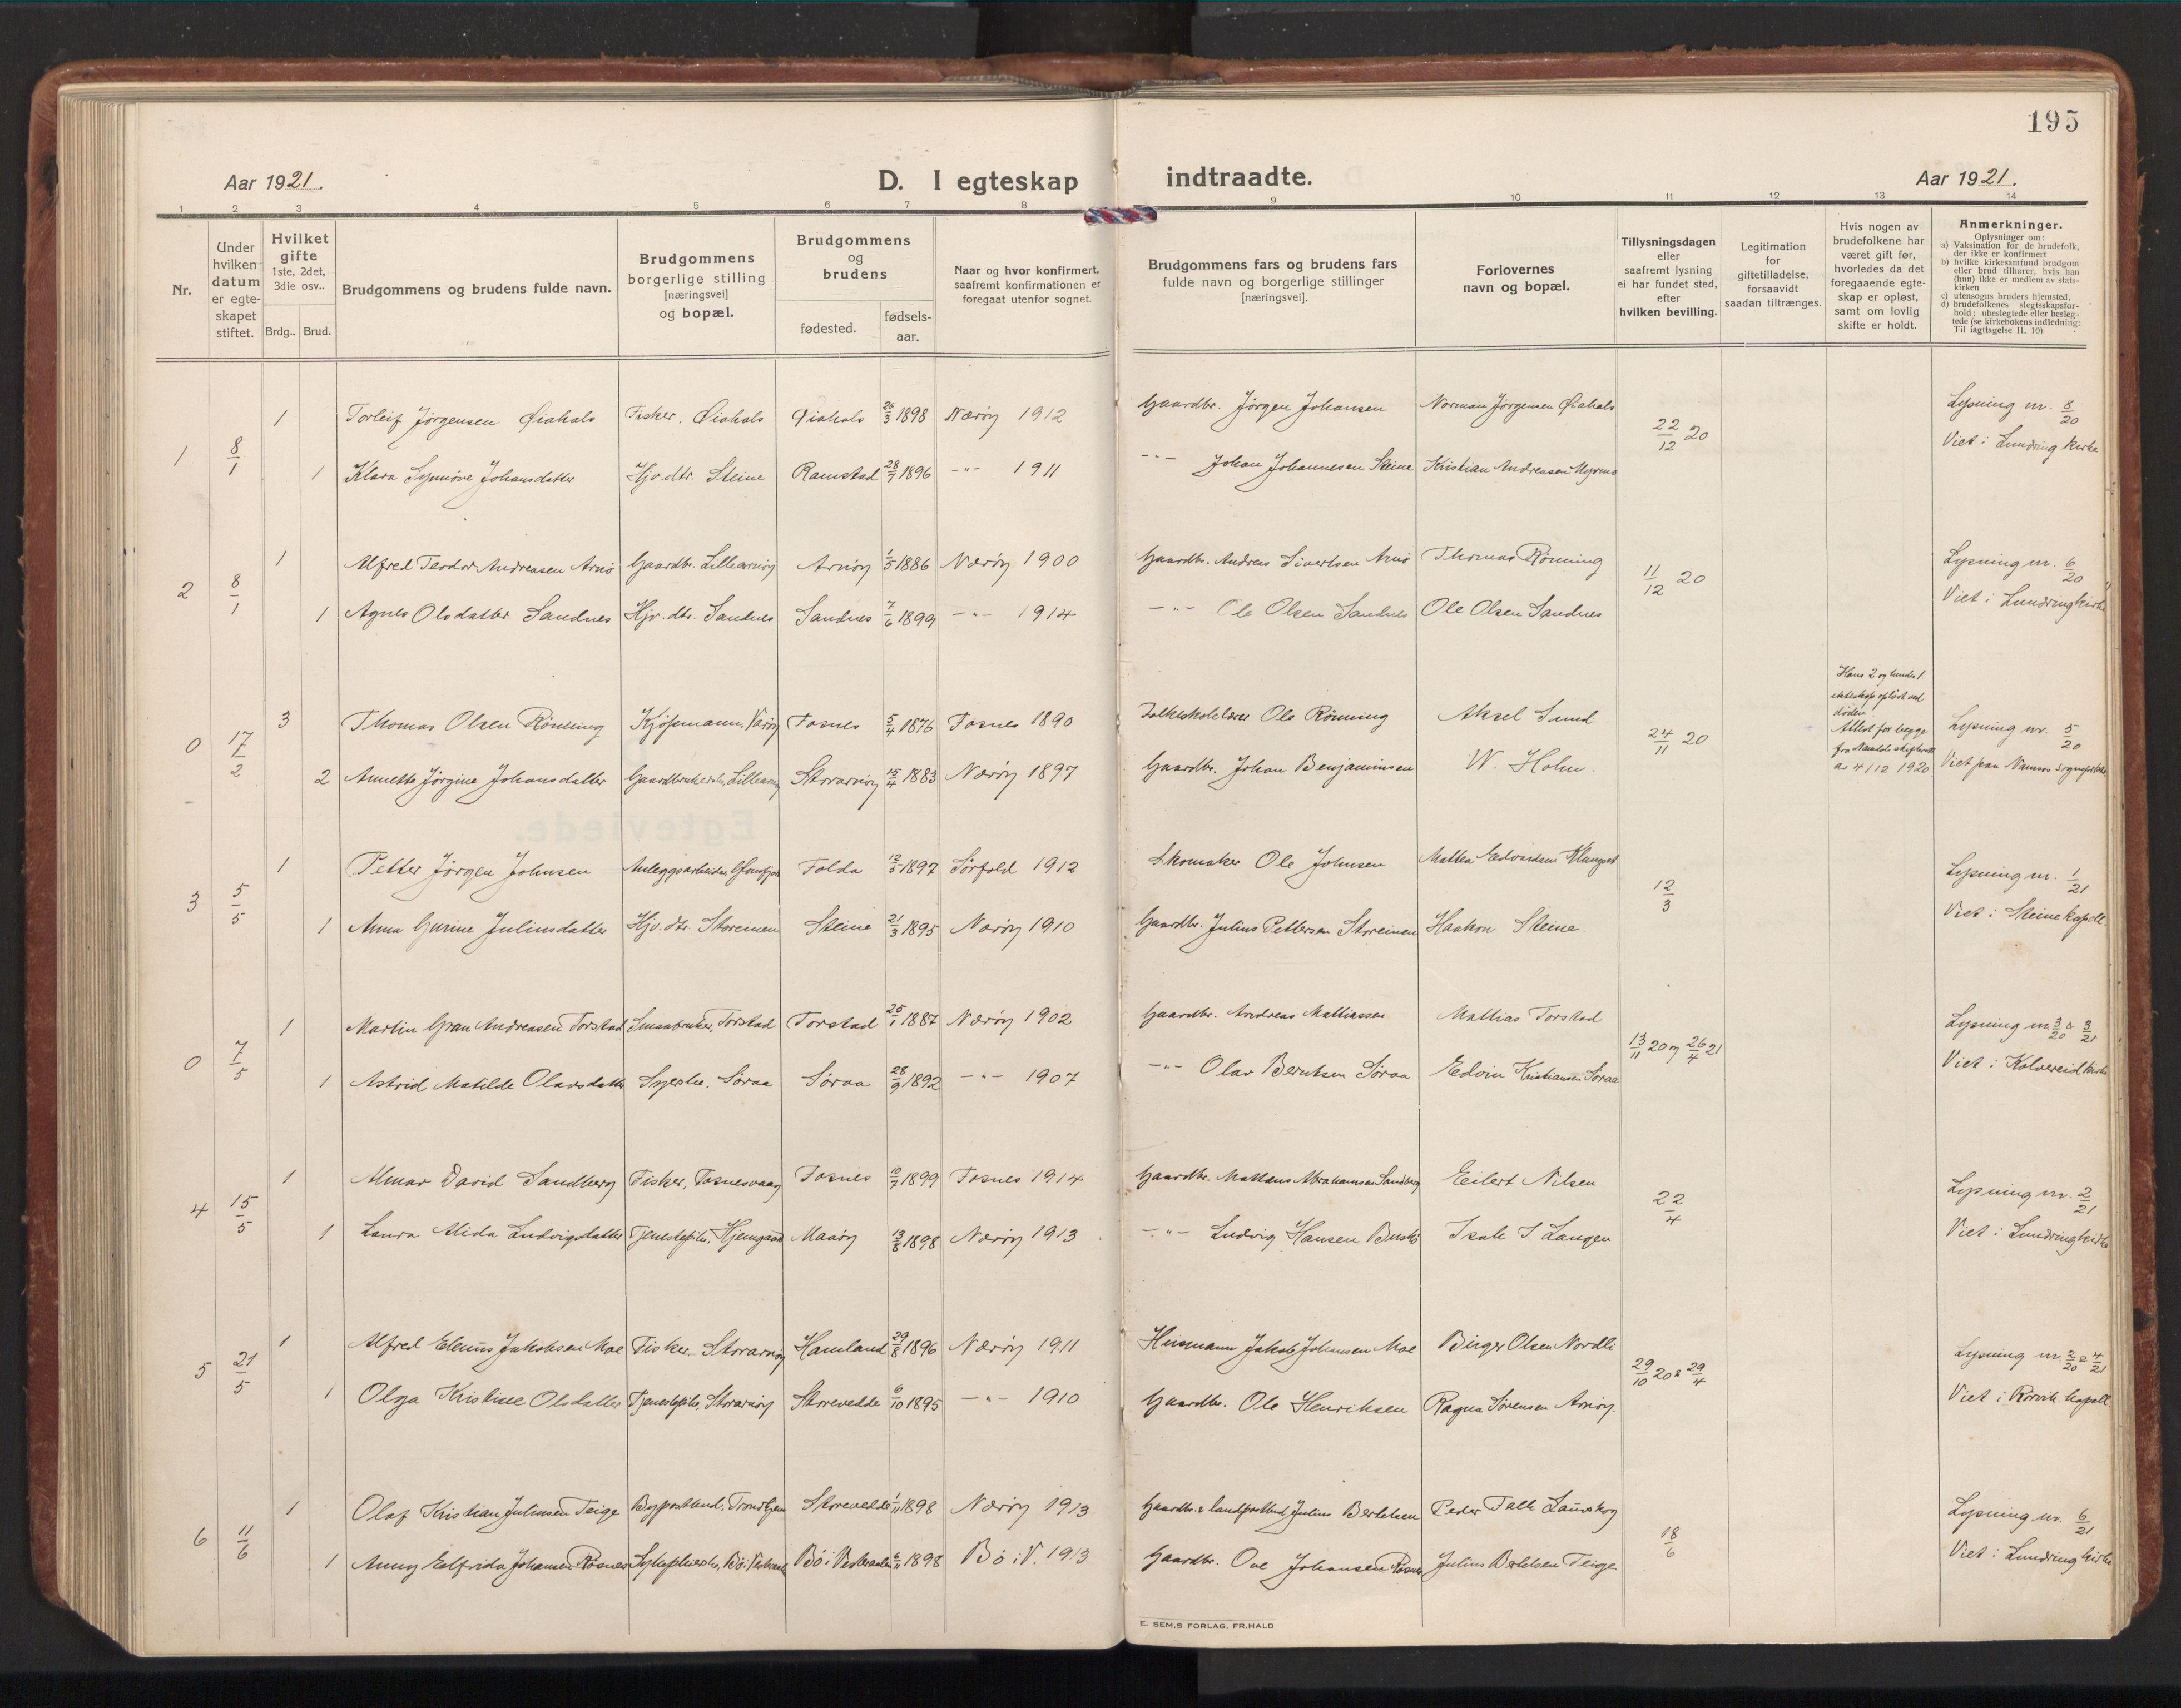 SAT, Ministerialprotokoller, klokkerbøker og fødselsregistre - Nord-Trøndelag, 784/L0678: Ministerialbok nr. 784A13, 1921-1938, s. 195